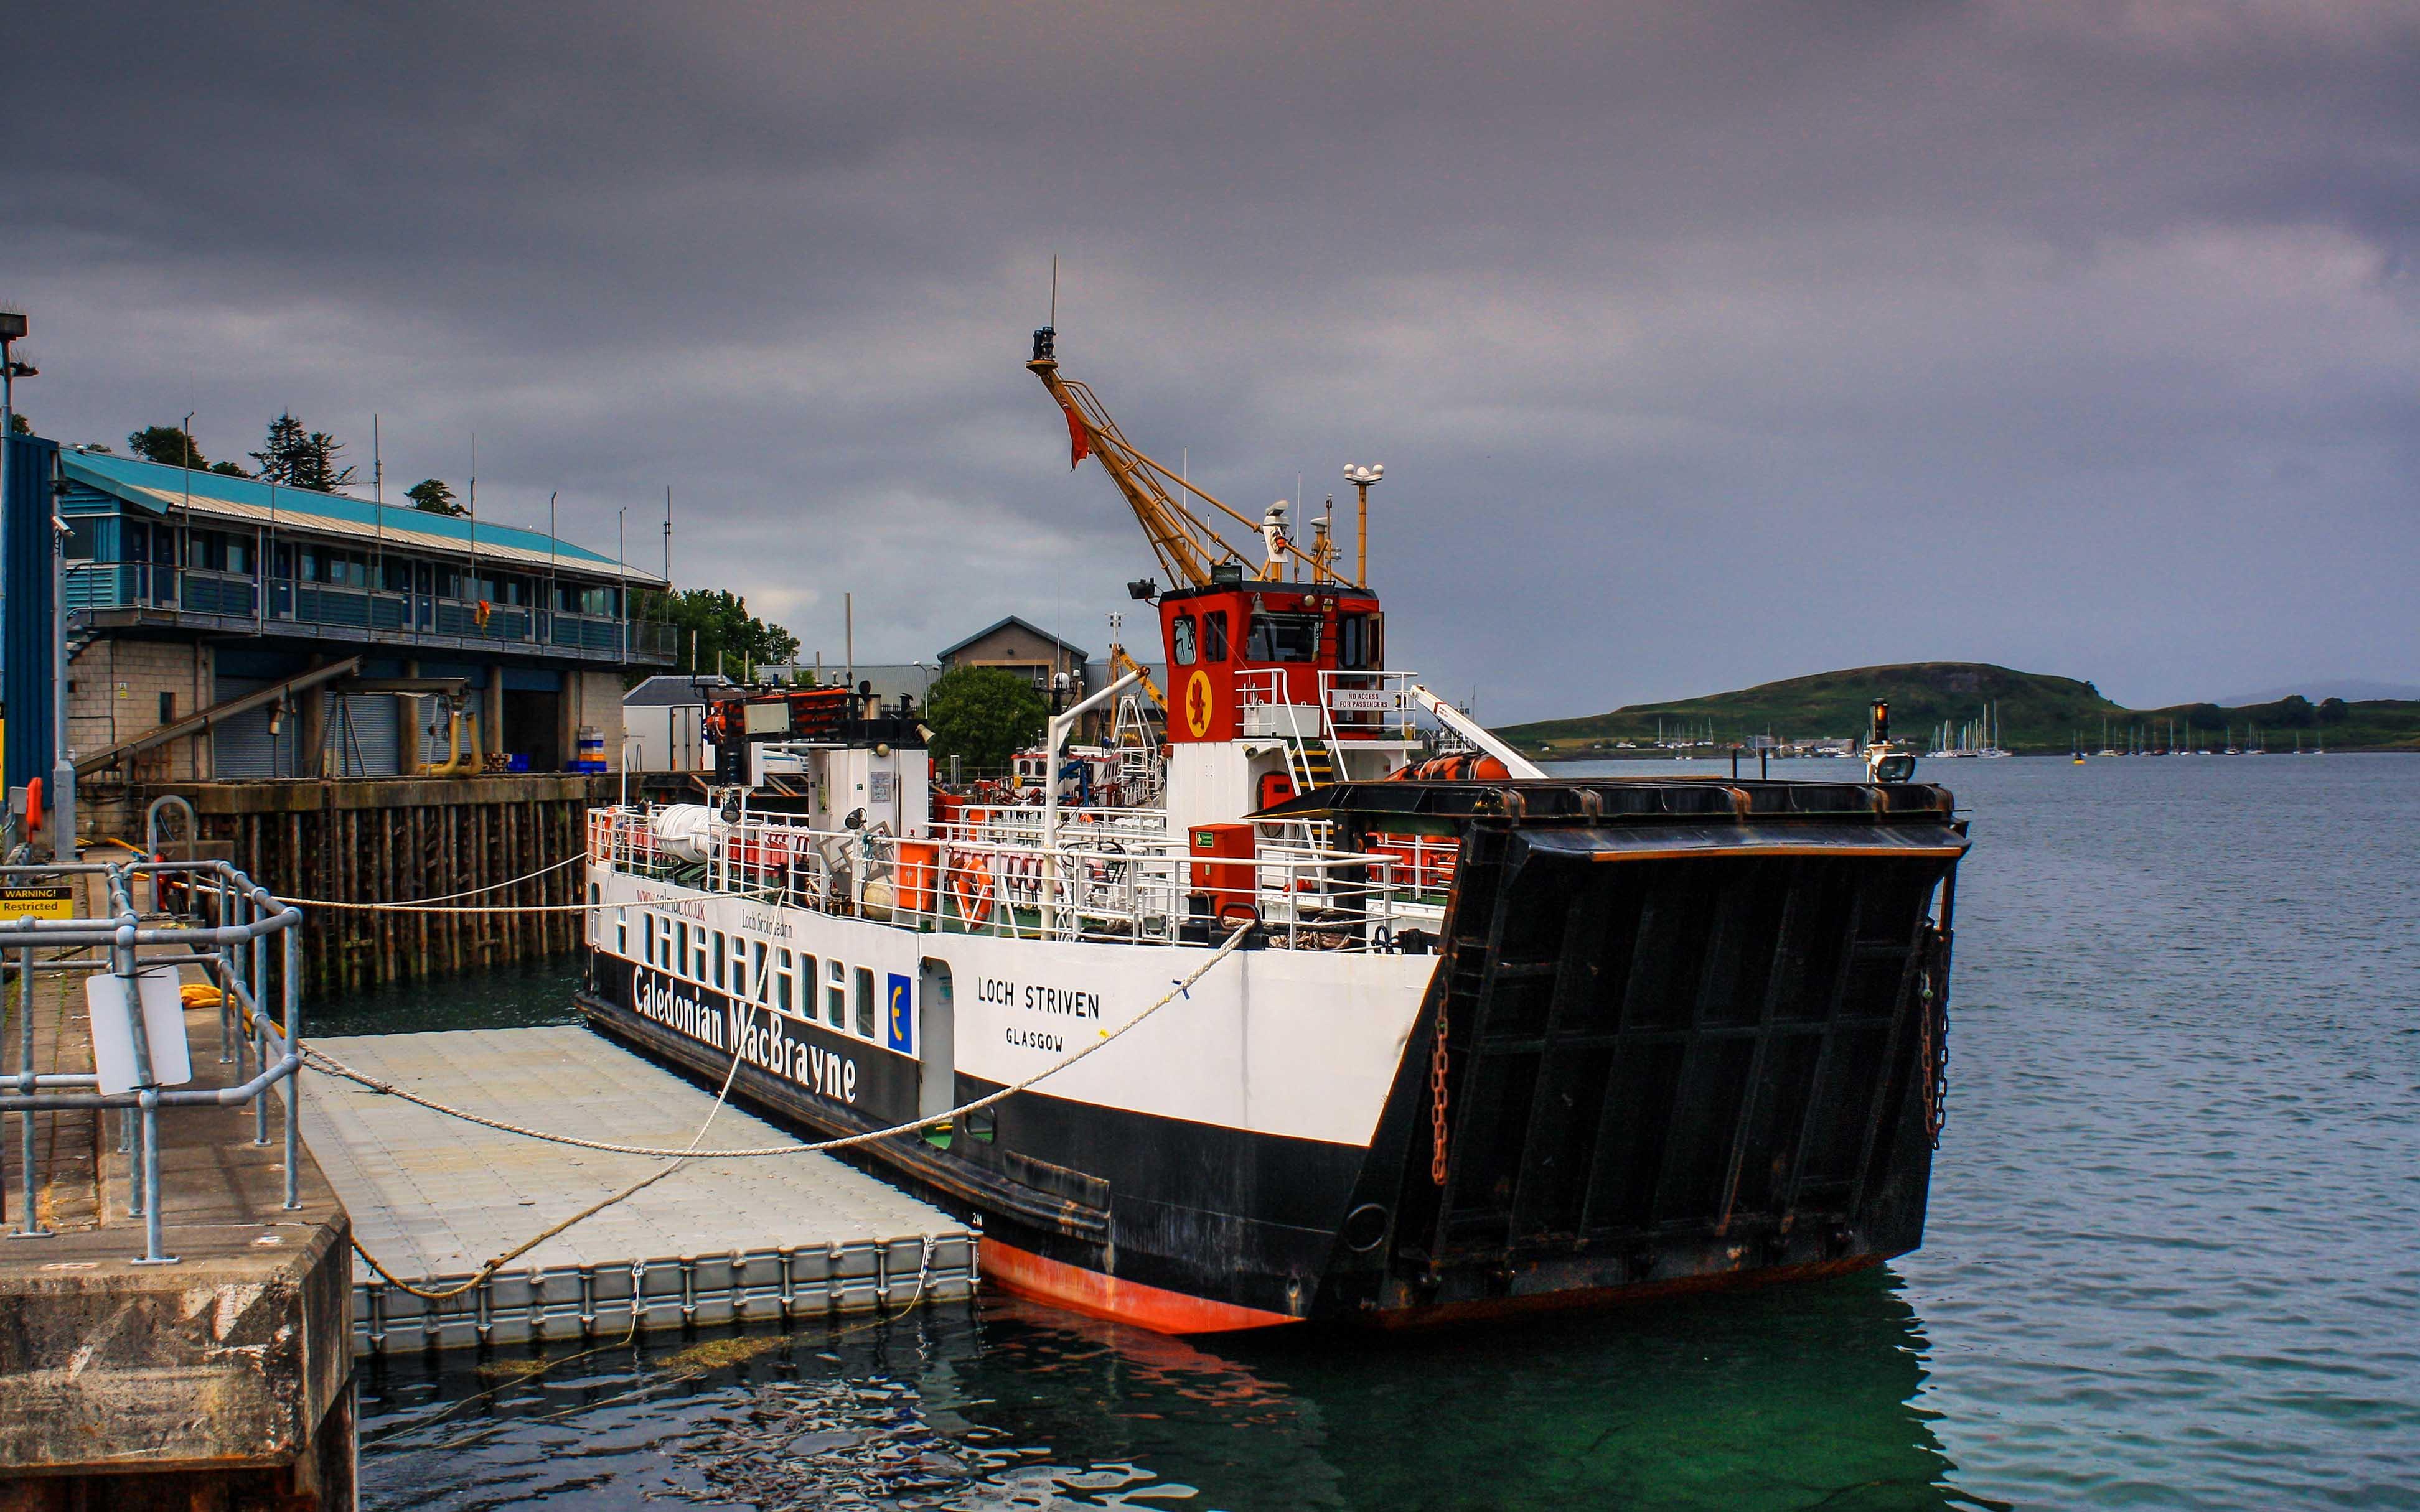 Loch Striven alongside her pontoon at Oban (Ships of CalMac)